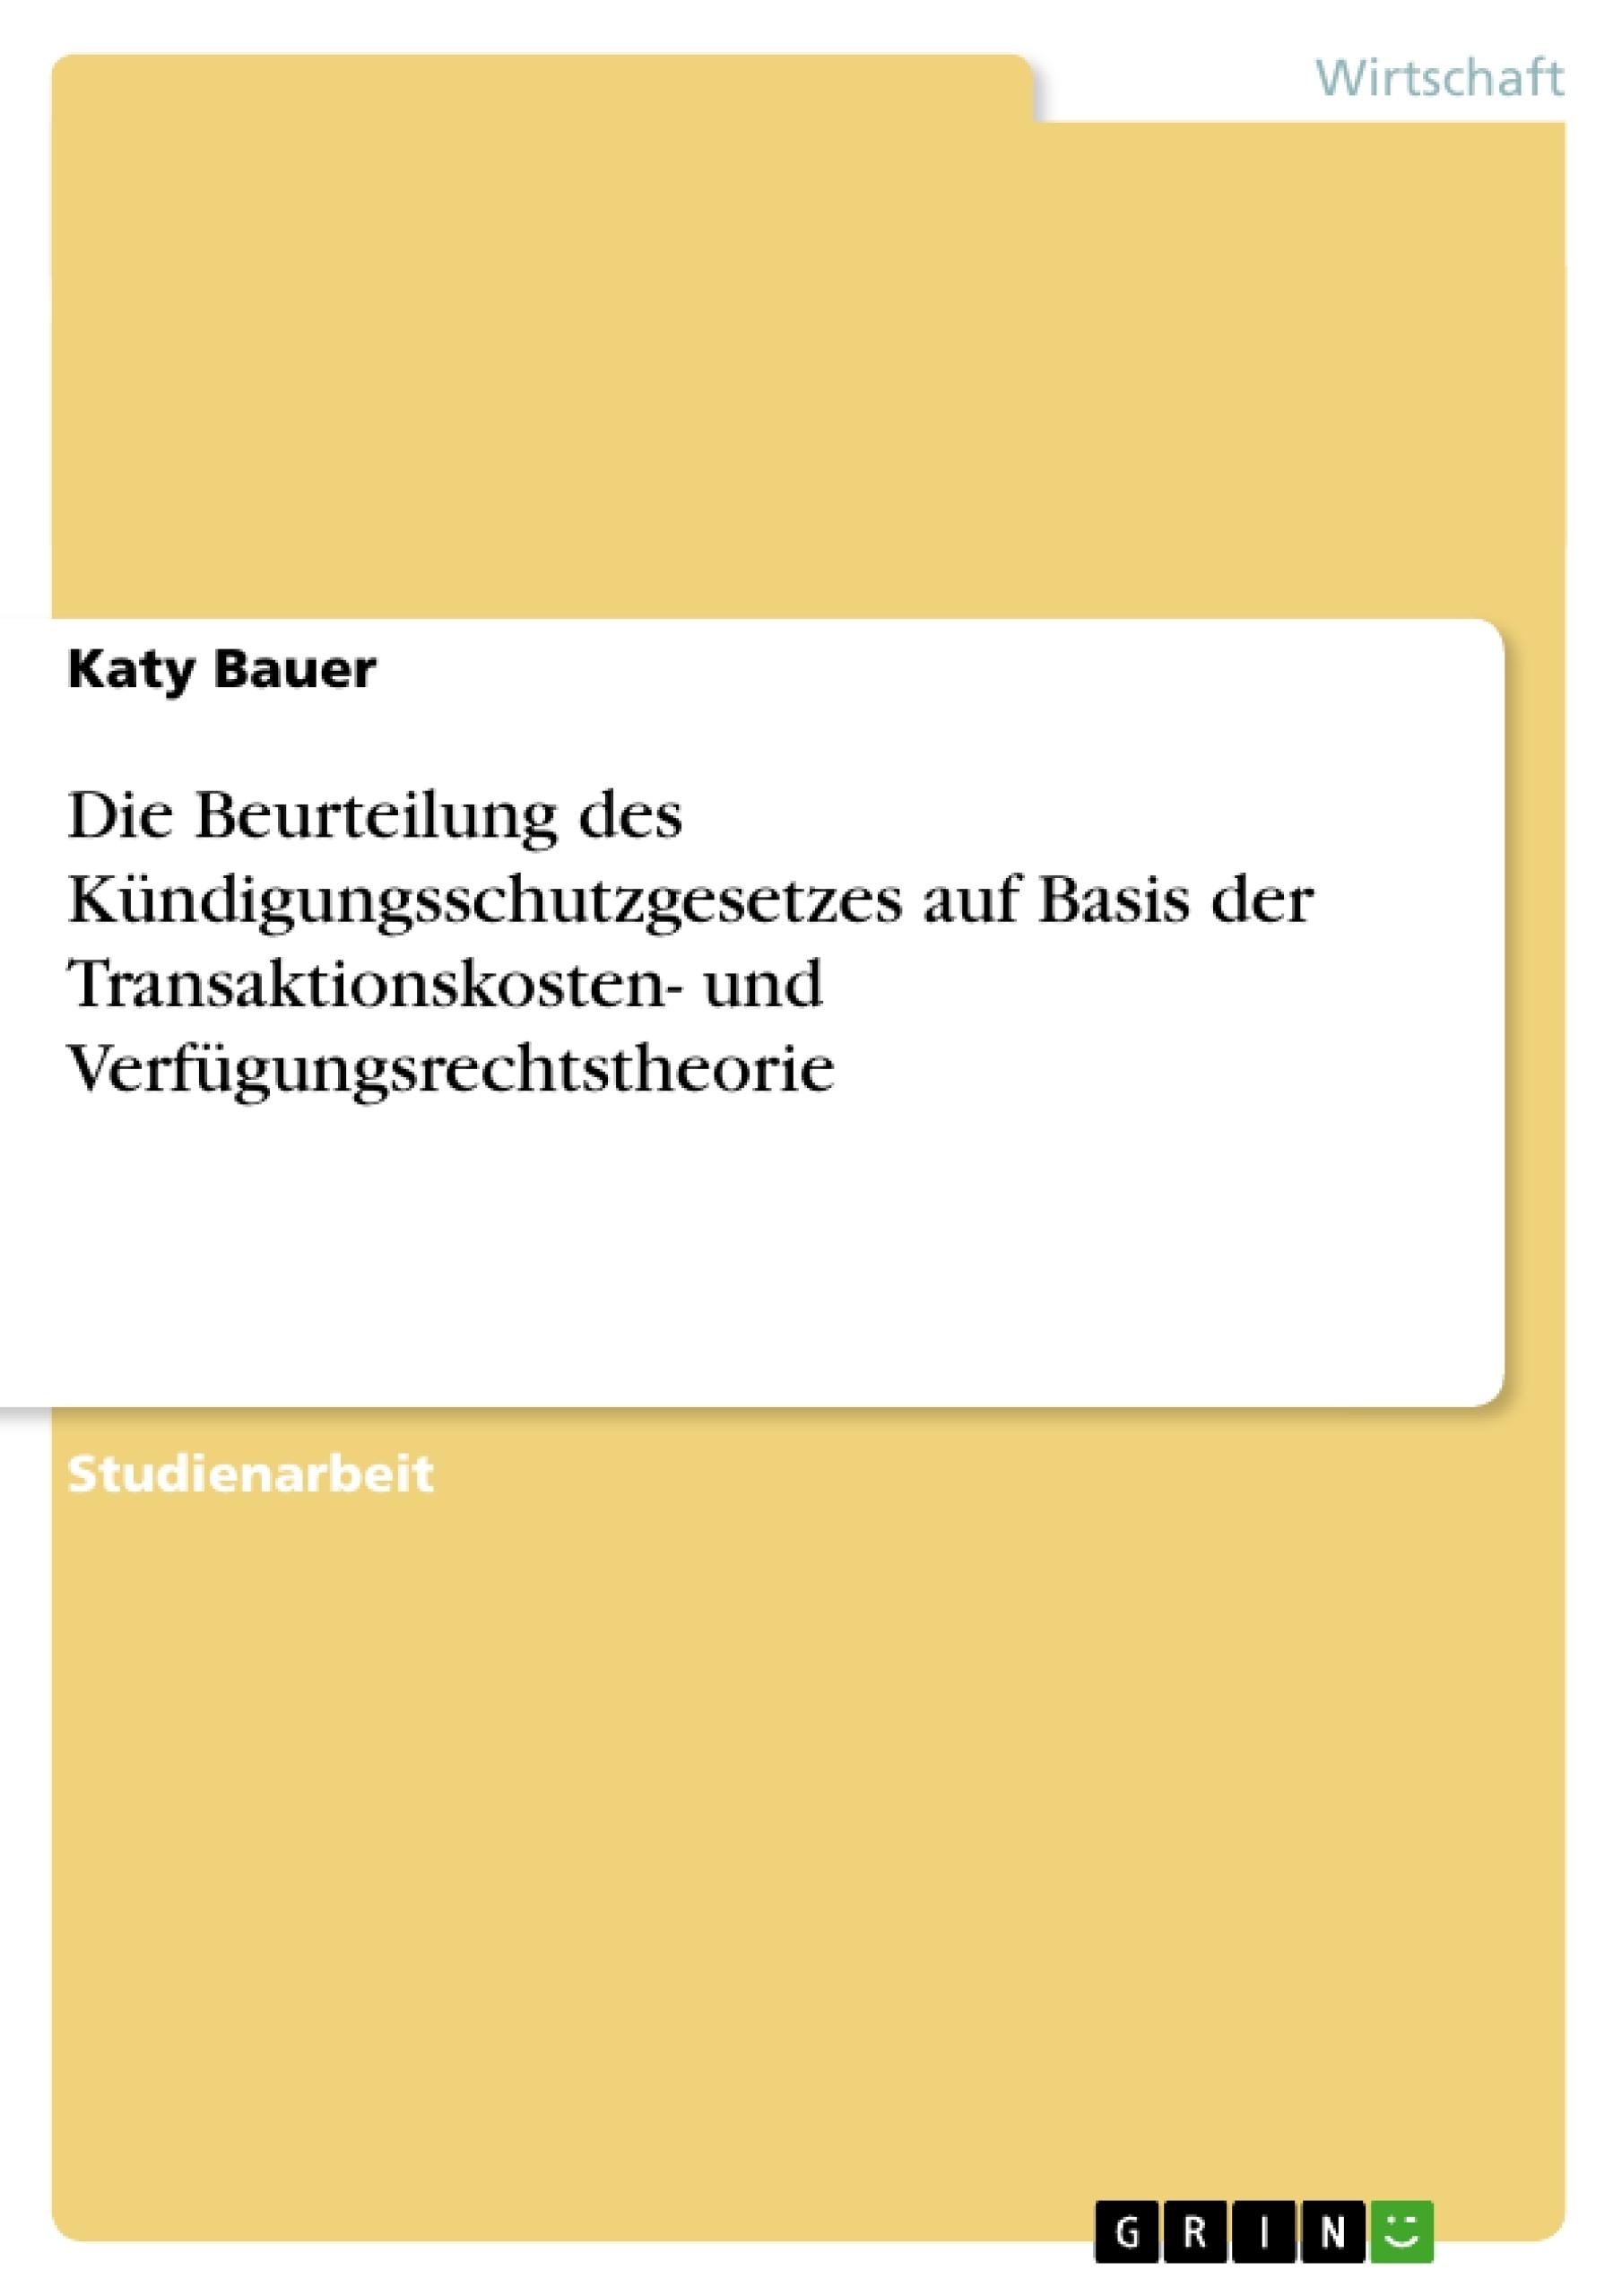 Titel: Die Beurteilung des Kündigungsschutzgesetzes auf Basis der Transaktionskosten- und Verfügungsrechtstheorie